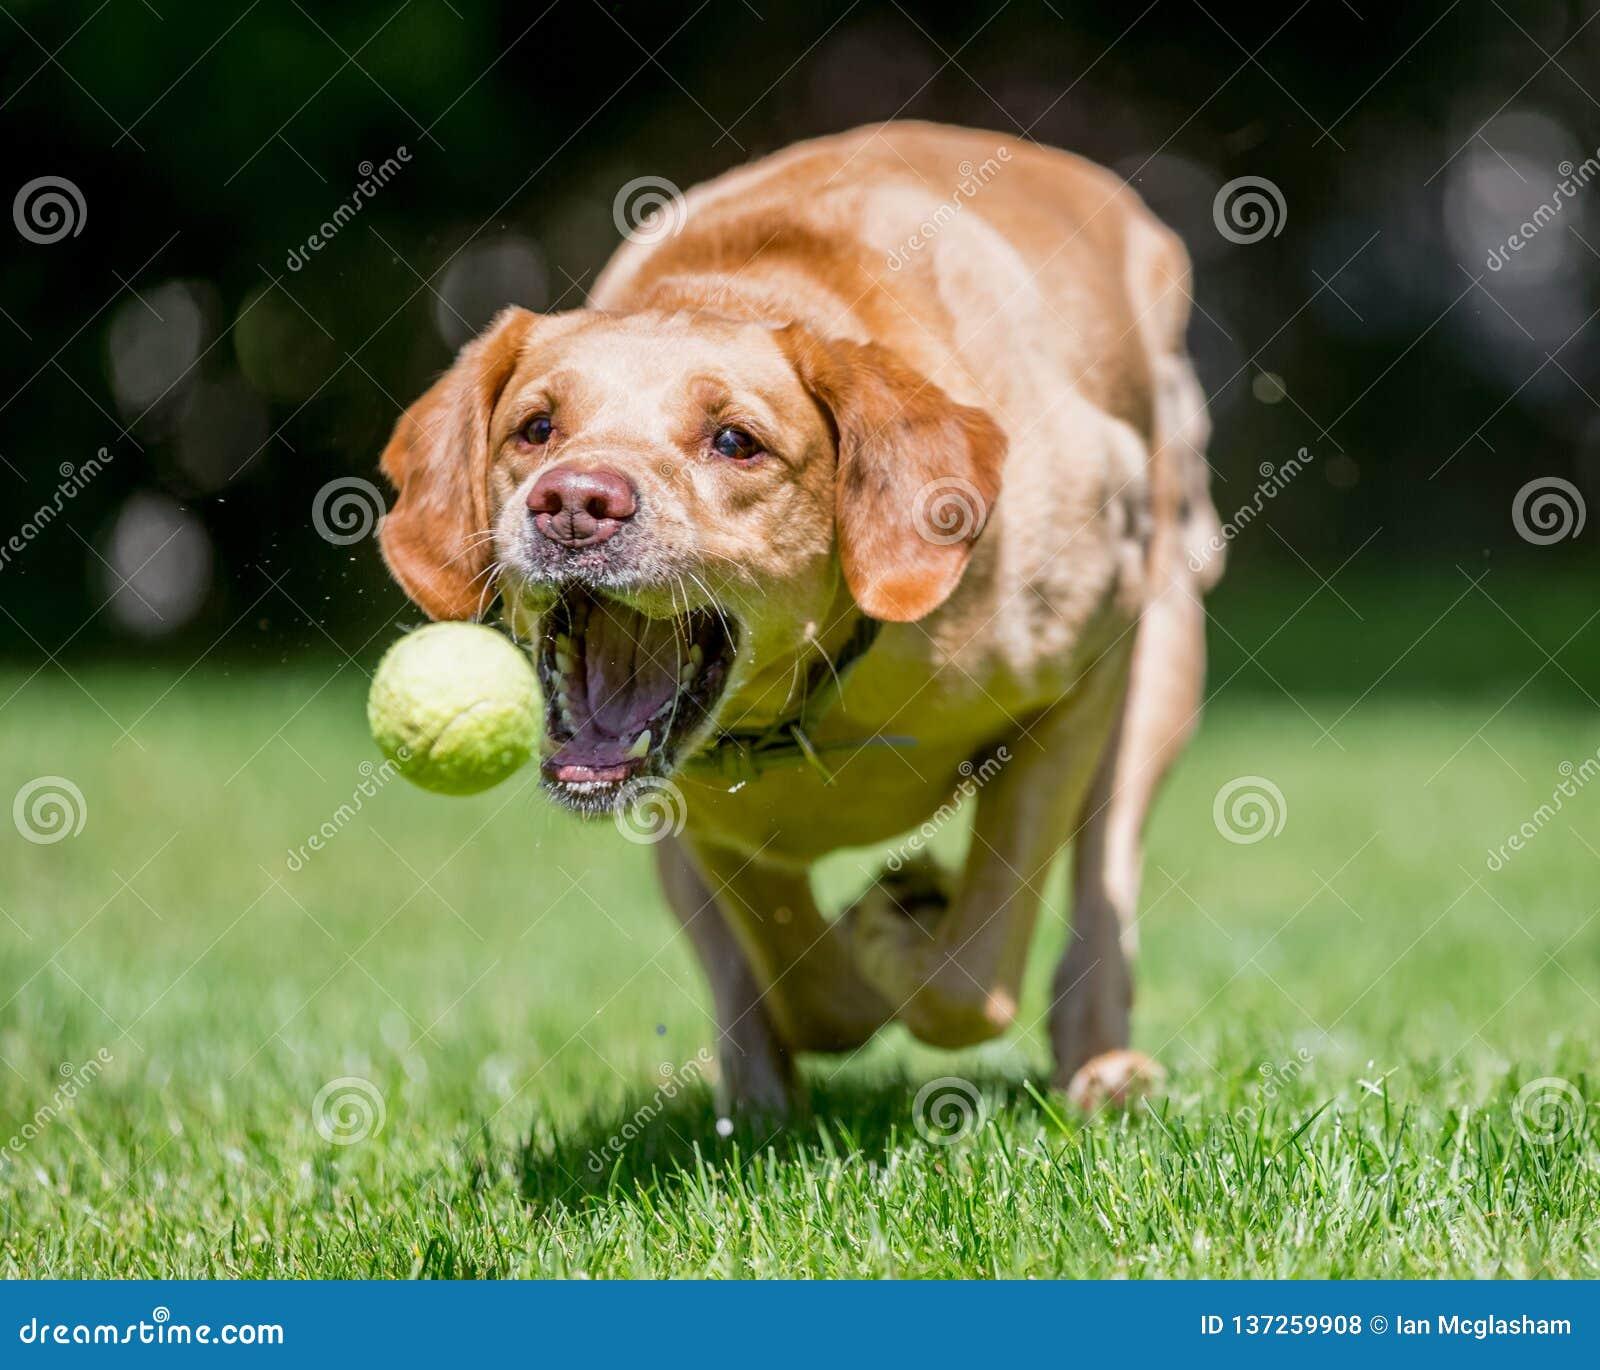 Labrador retriever, das ungefähr in Richtung zur Kamera läuft, um einen Ball zu fangen